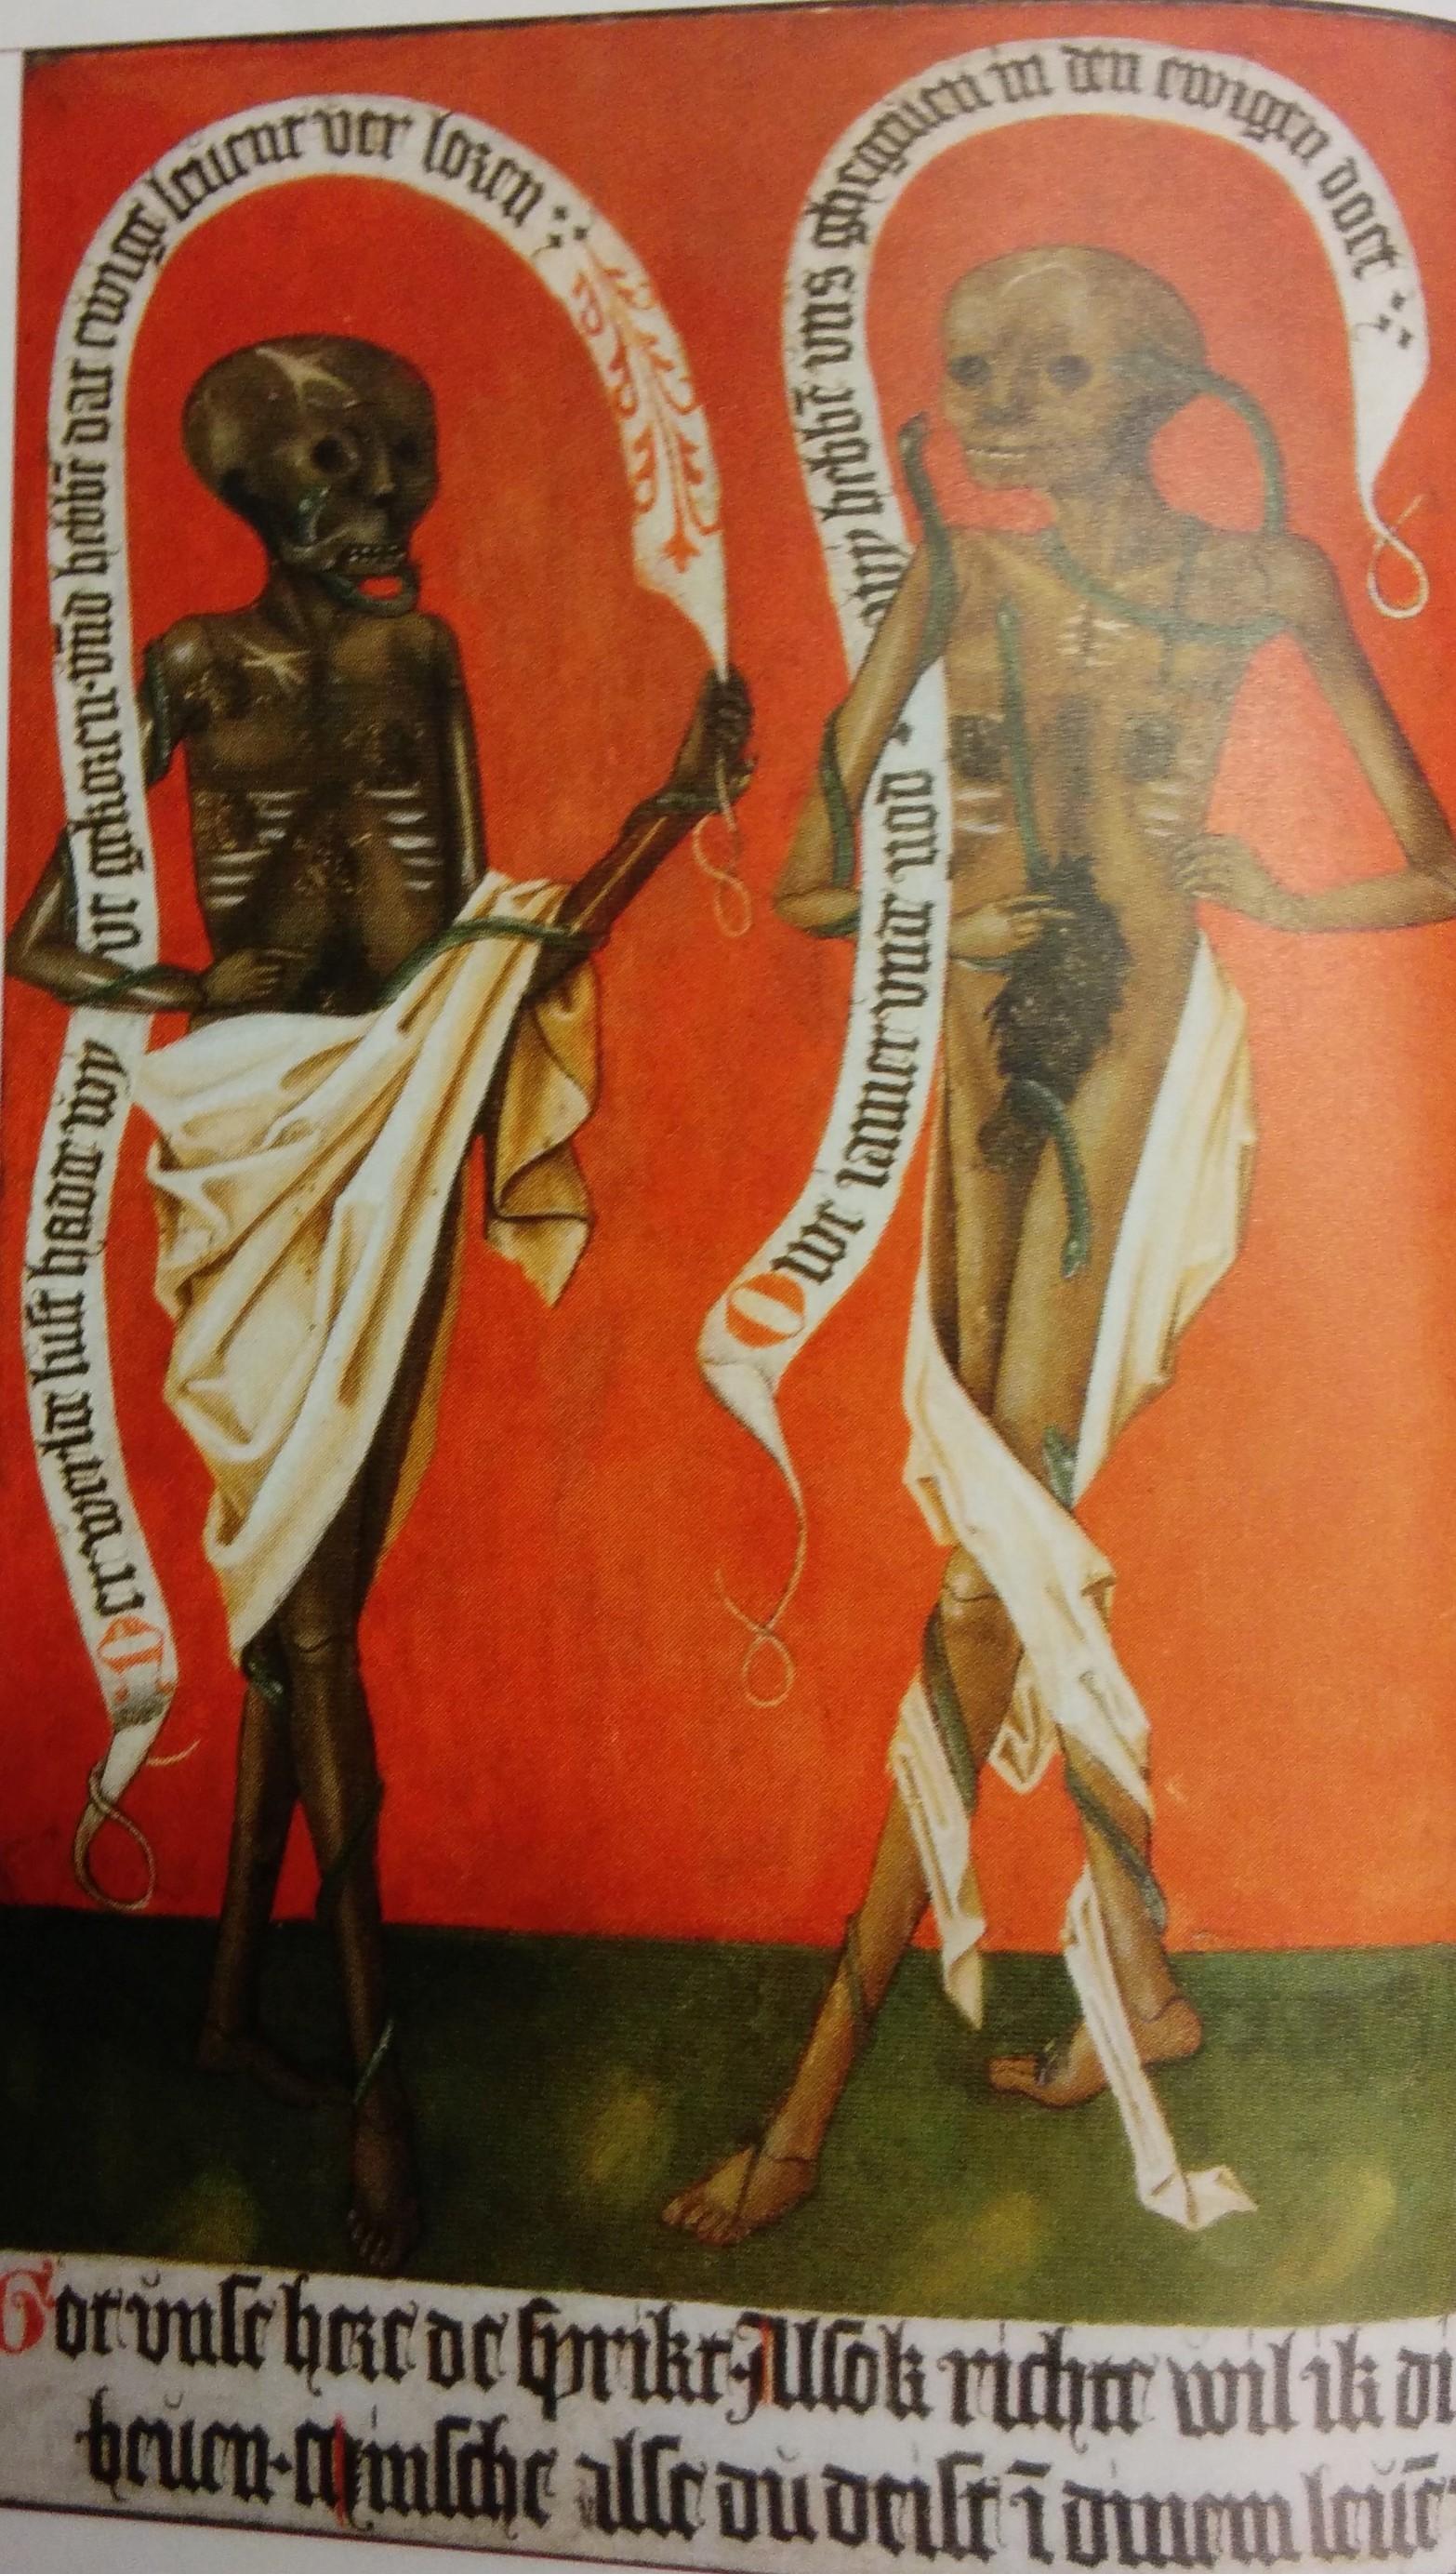 Couple de fiances Eglise de Lauenburg am Elb vers 1500 revers